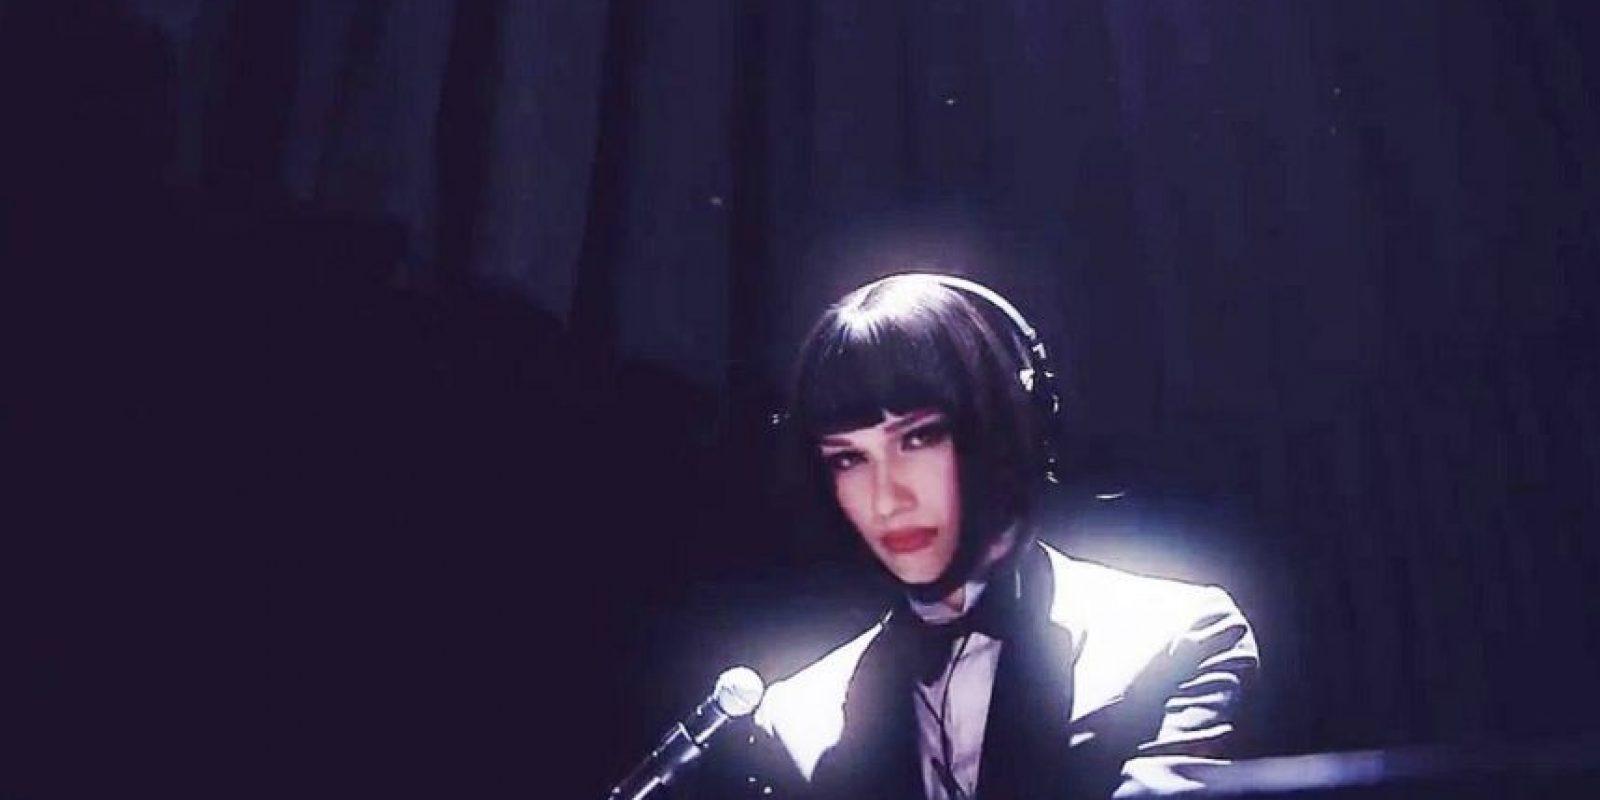 Es cantante, nació en Estados Unidos y viene de familia hondureña Foto:Vía facebook.com/NomiRuizFans